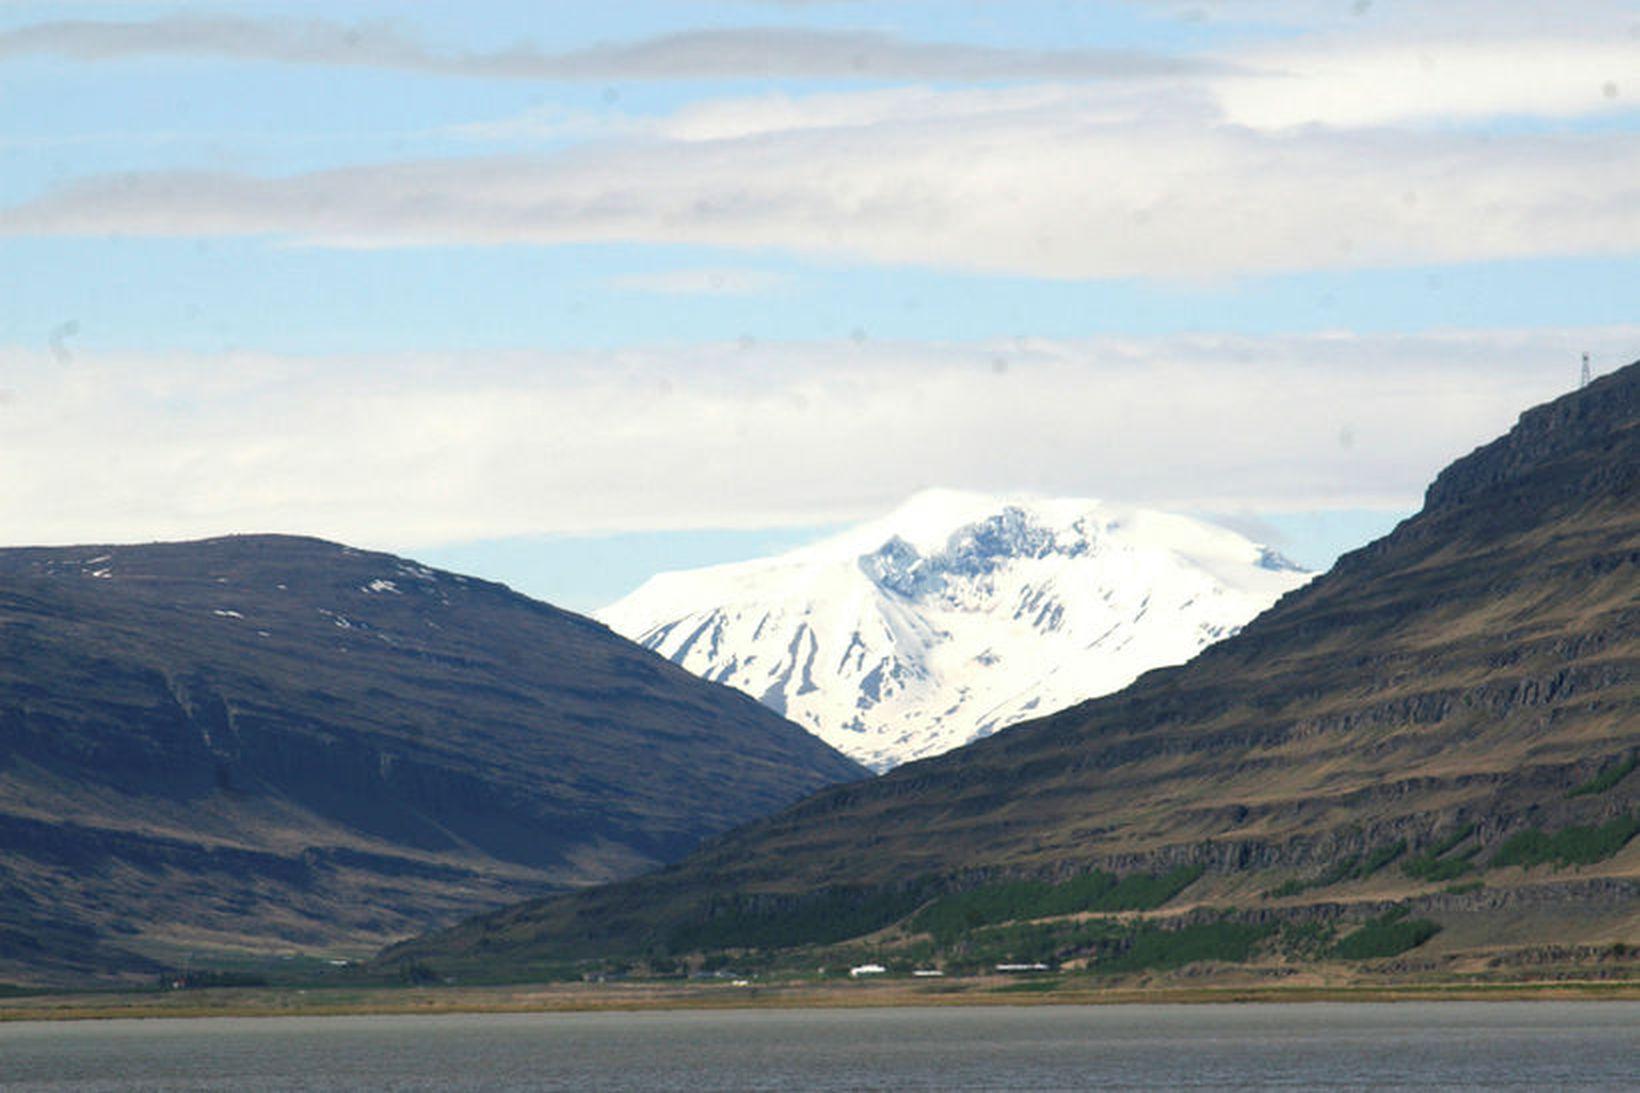 Horft úr Fljótsdals til Snæfells sem er í Vatnajökulsþjóðgarði.